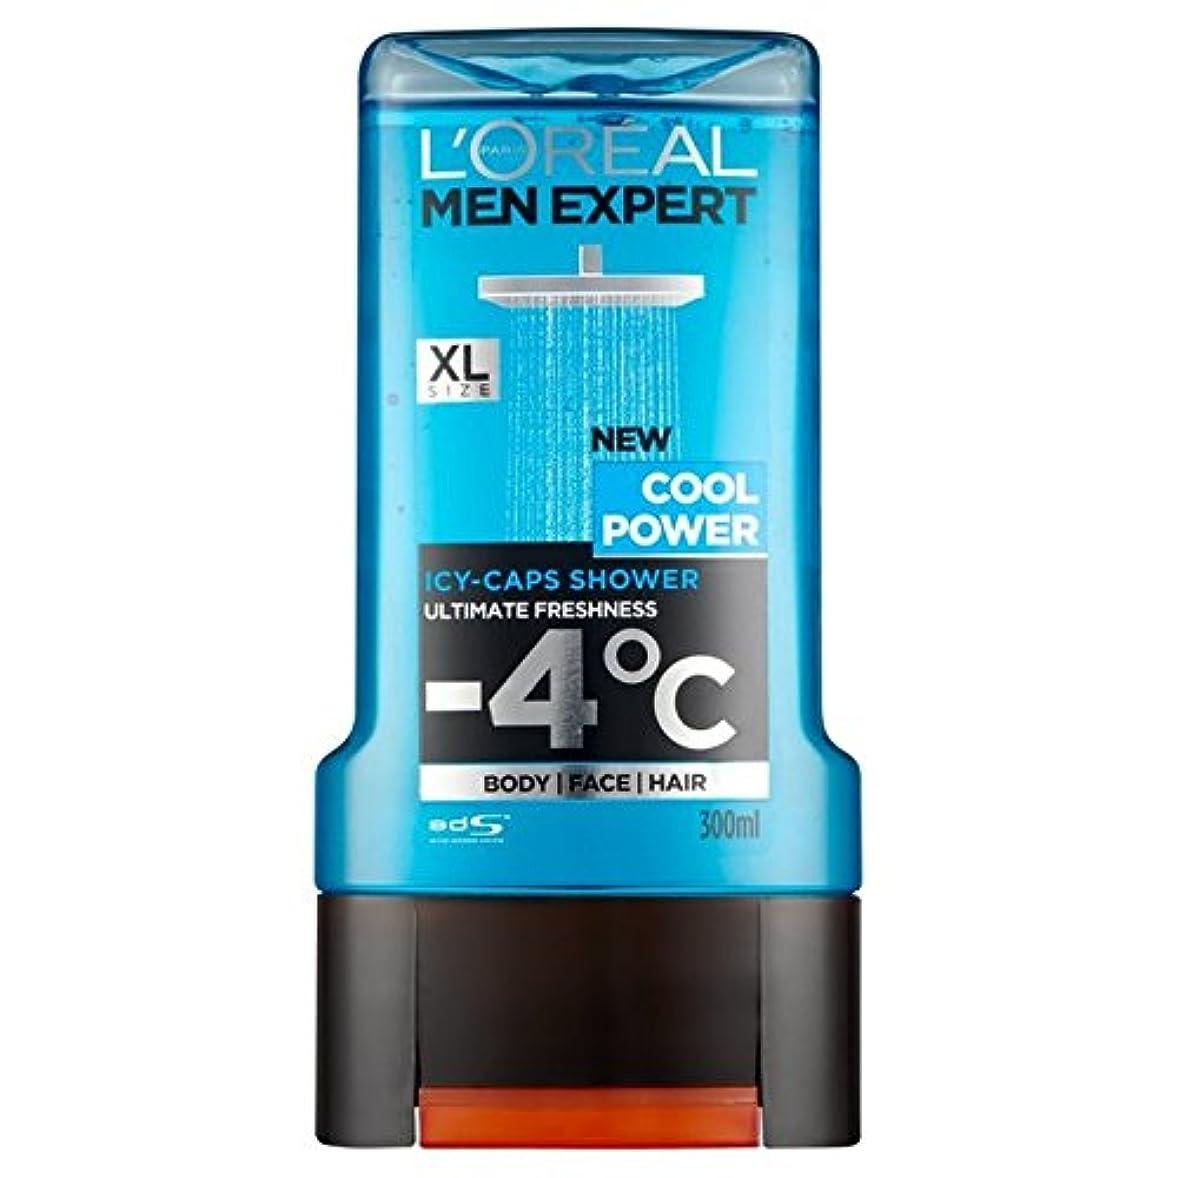 トラフメッセンジャー世界に死んだロレアルパリの男性の専門家のクールなパワーシャワージェル300ミリリットル x2 - L'Oreal Paris Men Expert Cool Power Shower Gel 300ml (Pack of 2) [並行輸入品]